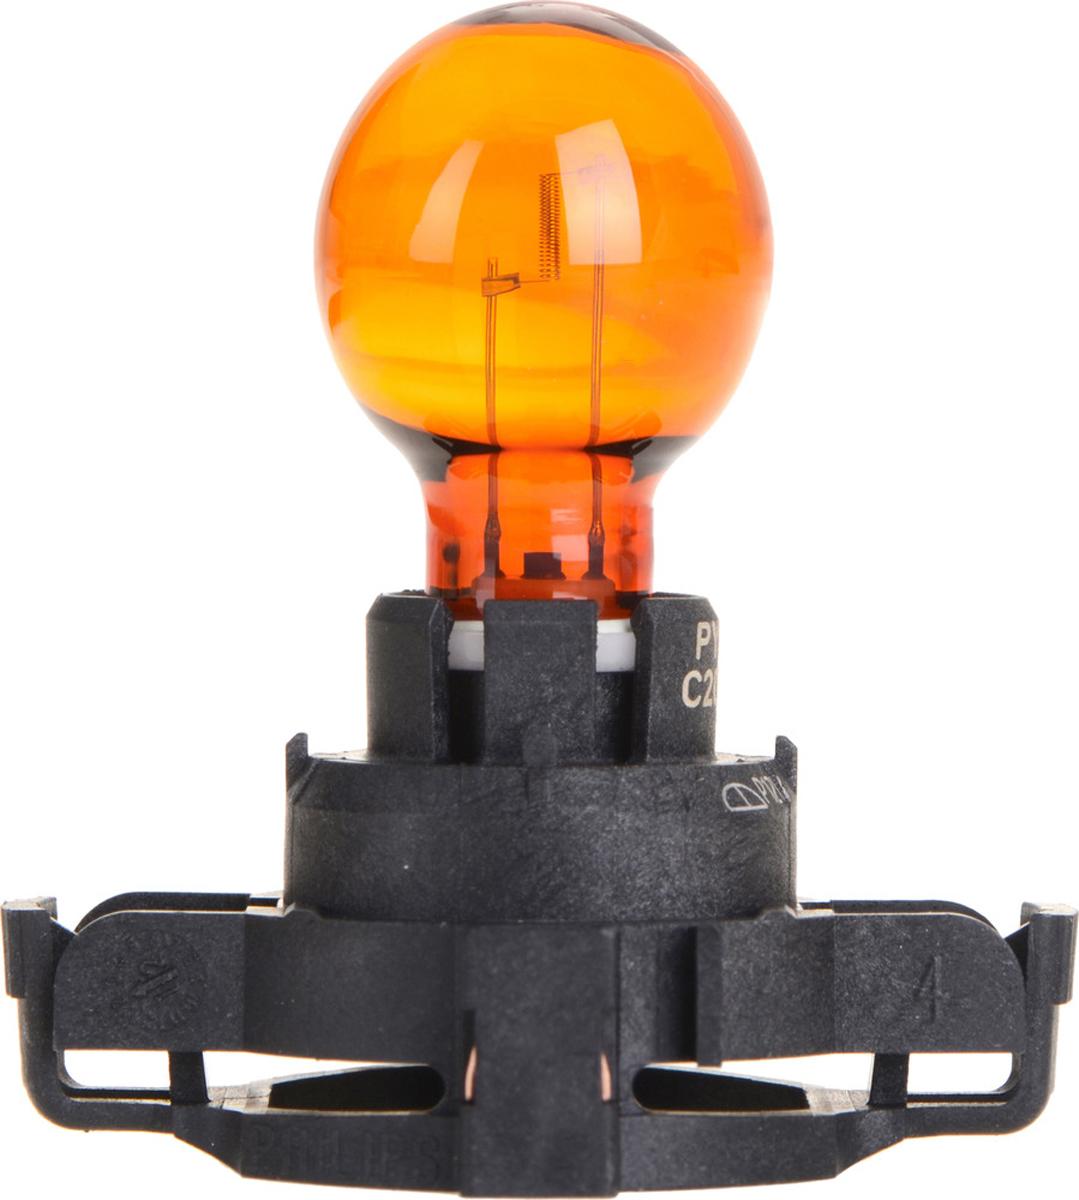 Лампа автомобильная галогенная Philips Vision, сигнальная, цоколь PY24W (PGU20/4), 12V, 24W12190NAC1Автомобильная лампа Philips Vision изготовлена из запатентованного кварцевого стекла с УФ-фильтром Philips Quartz Glass. Кварцевое стекло в отличие от обычного стекла выдерживает гораздо большее давление и больший перепад температур. При попадании влаги на работающую лампу, лампа не взрывается и продолжает работать. Лампа Philips Vision производит на 30% больше света по сравнению со стандартной лампой, благодаря чему стоп-сигналы или указатели поворота будут заметны с большего расстояния. Лампа Philips Vision отличается высокой эффективностью, соответствуя всем современным требованиям.